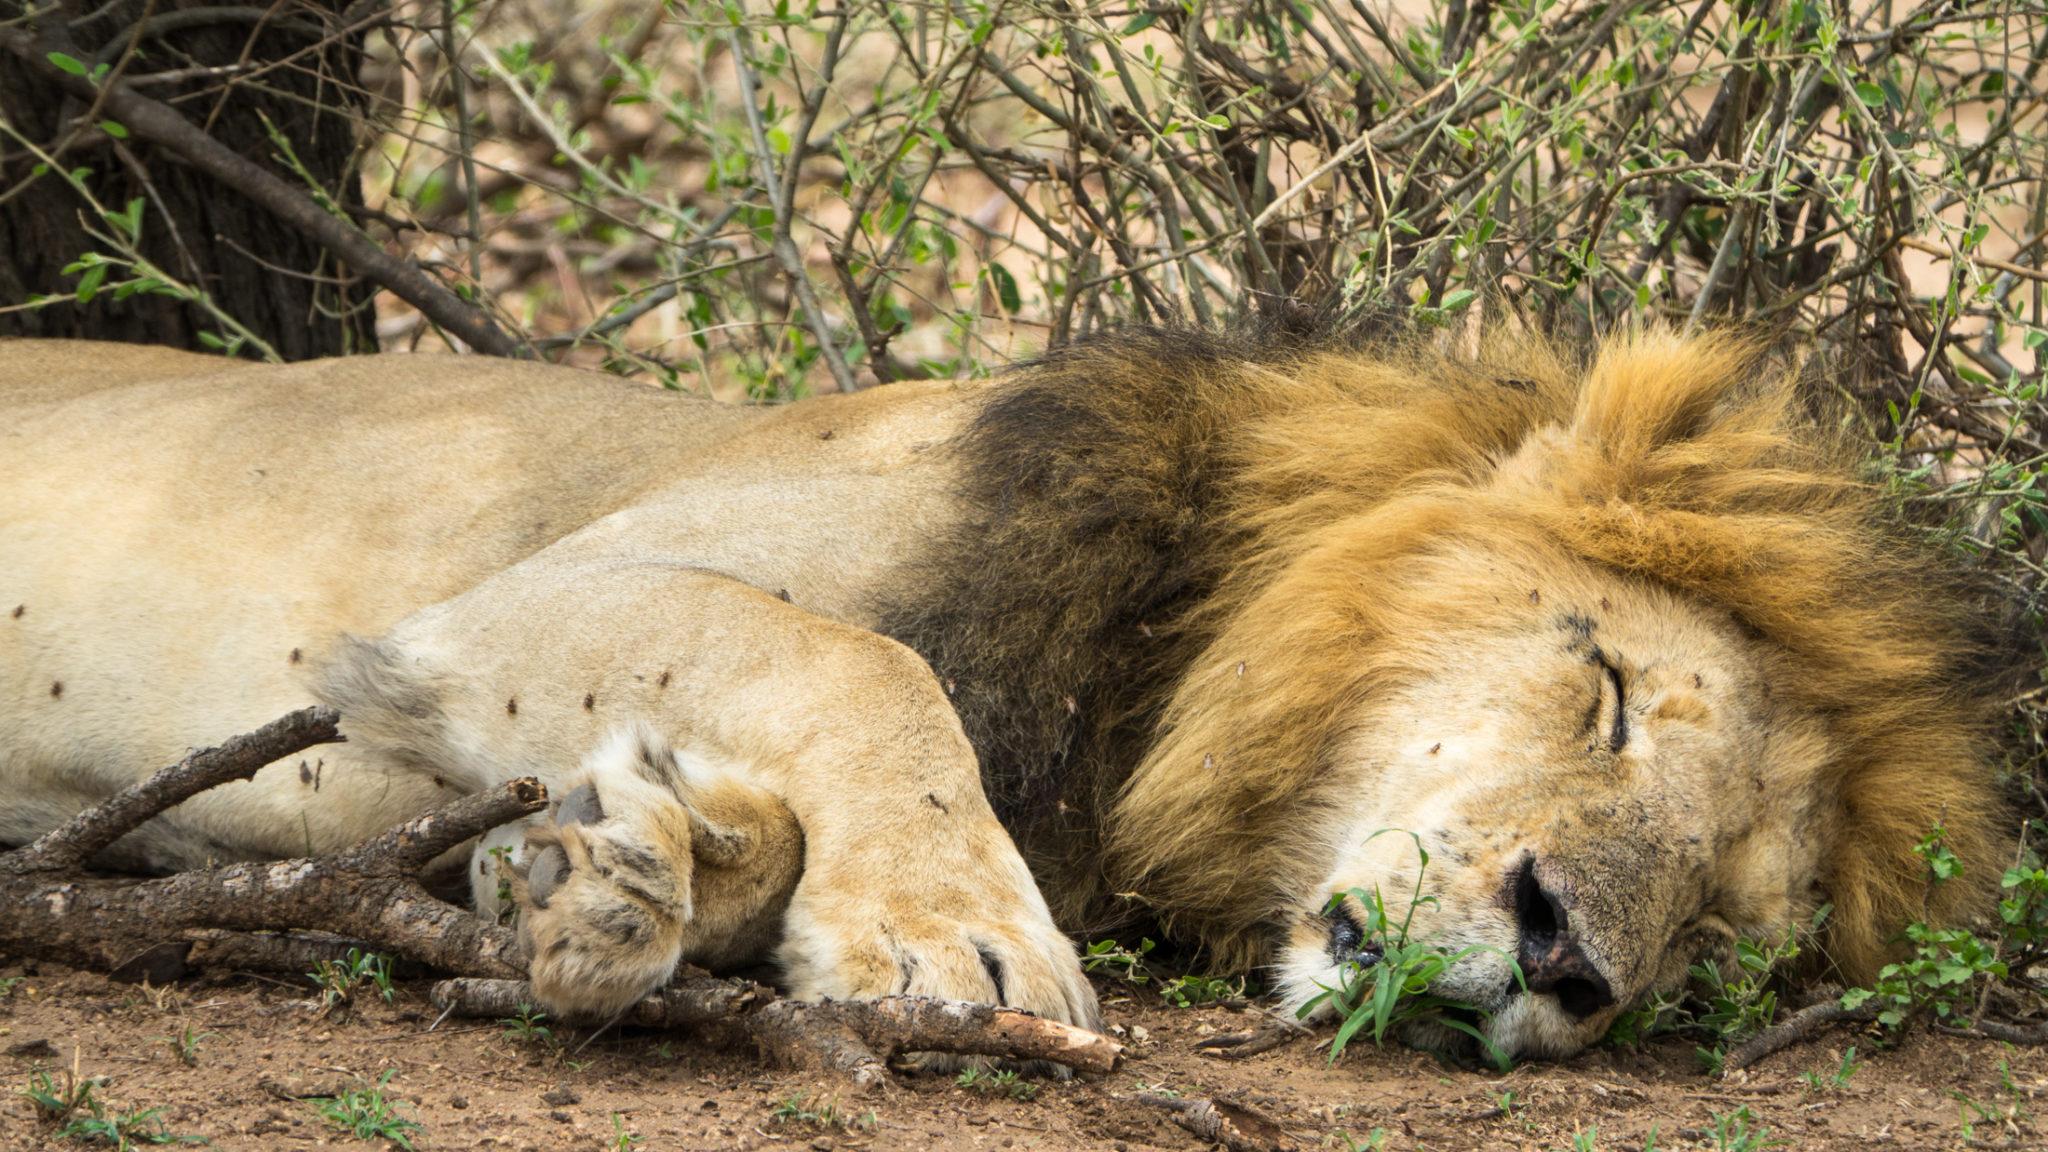 Löwenmännchen beim Schlafen in der Serengeti, Tansania